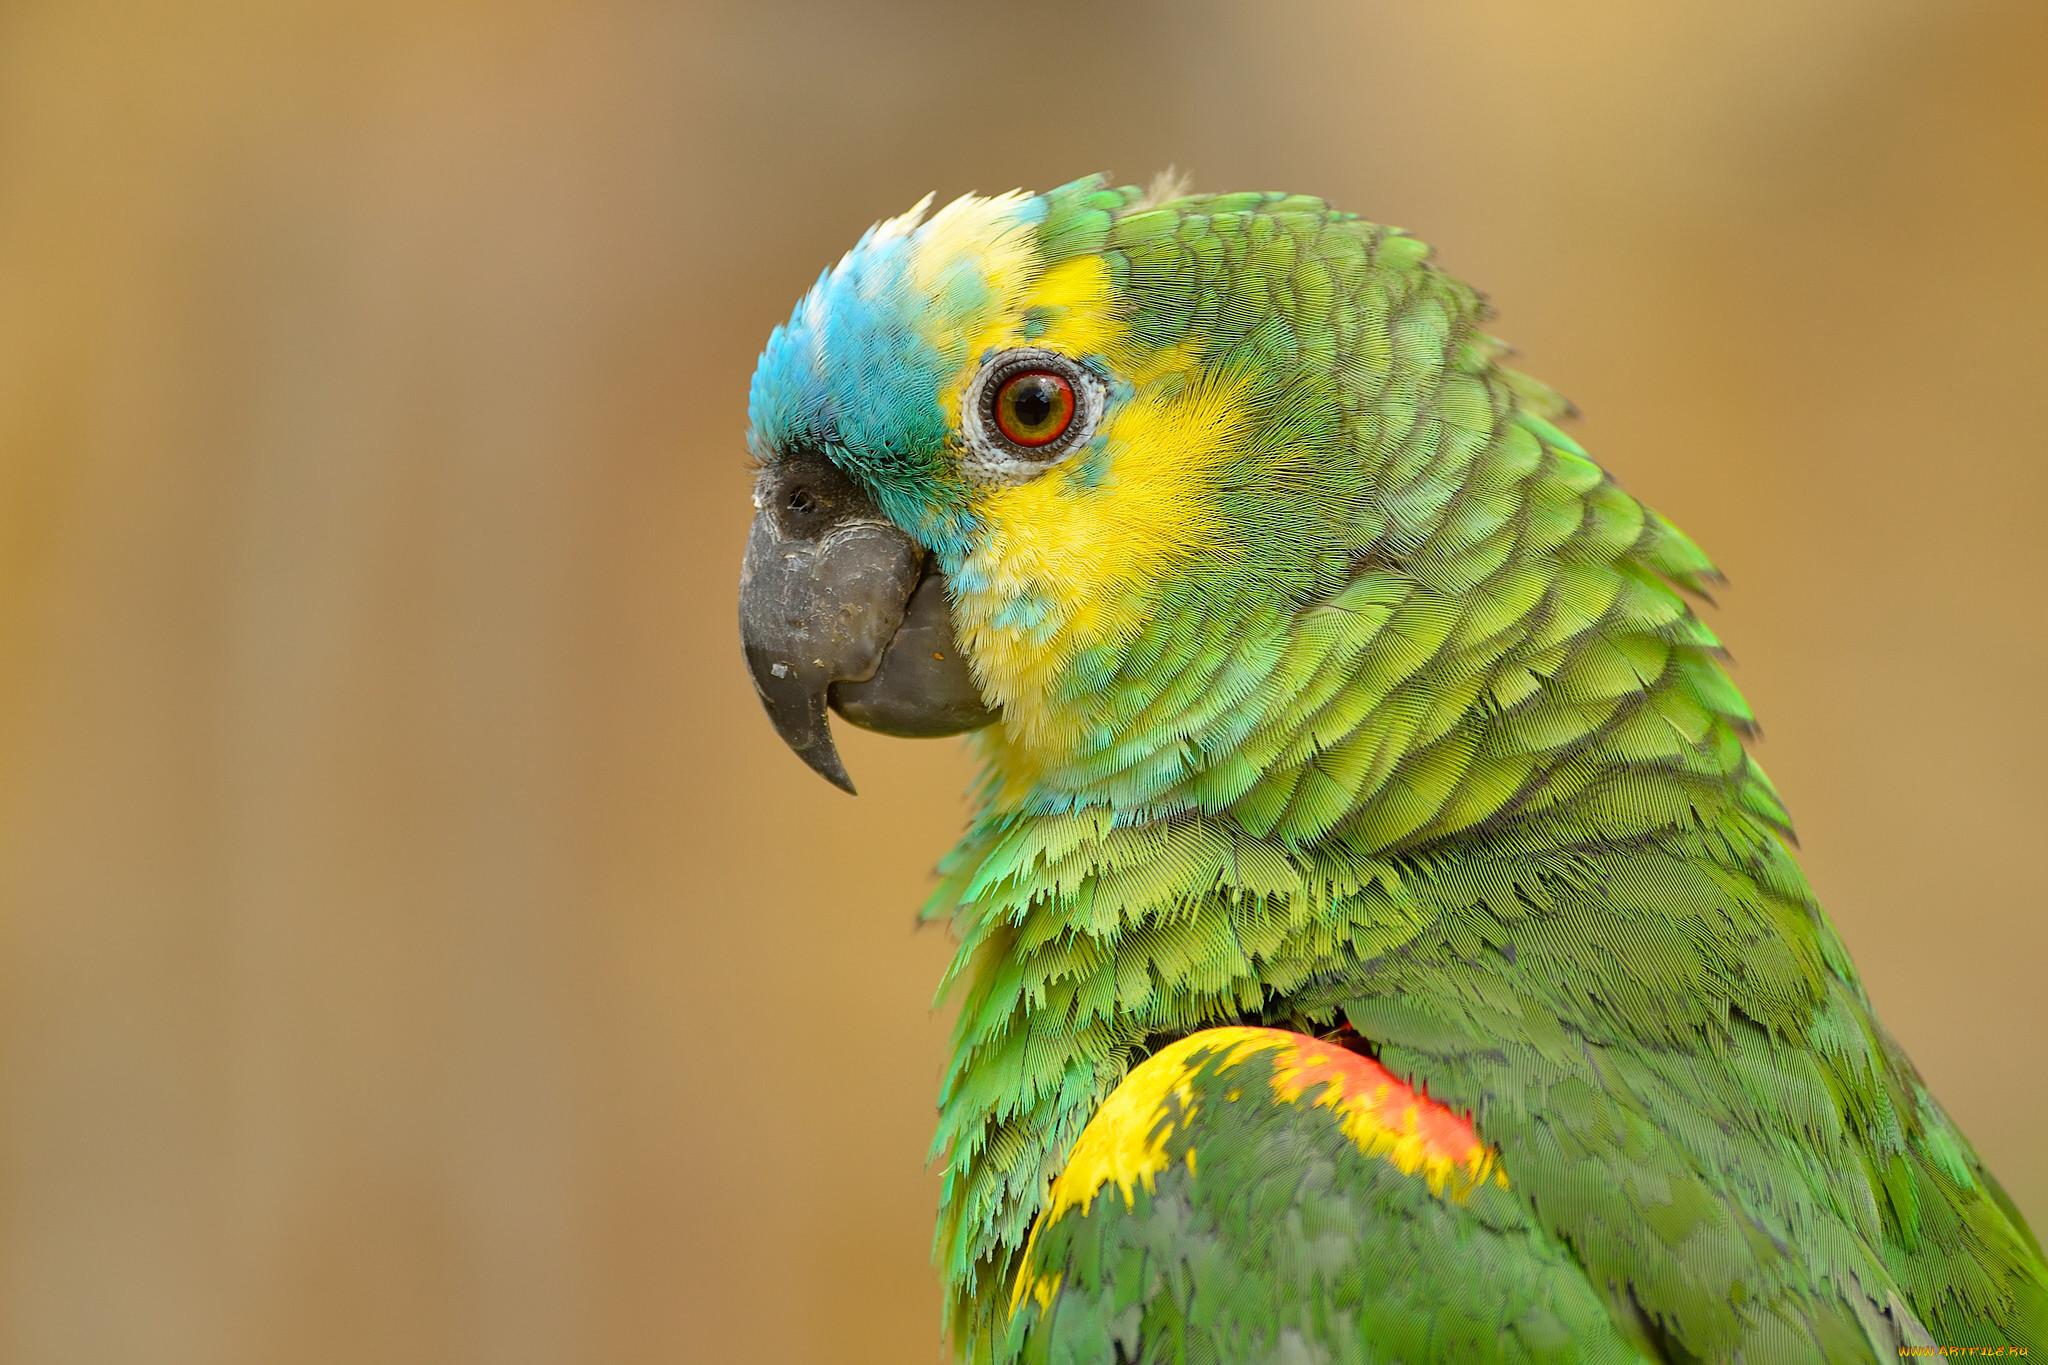 смотреть картинки попугаев всех видов всех камер, легально